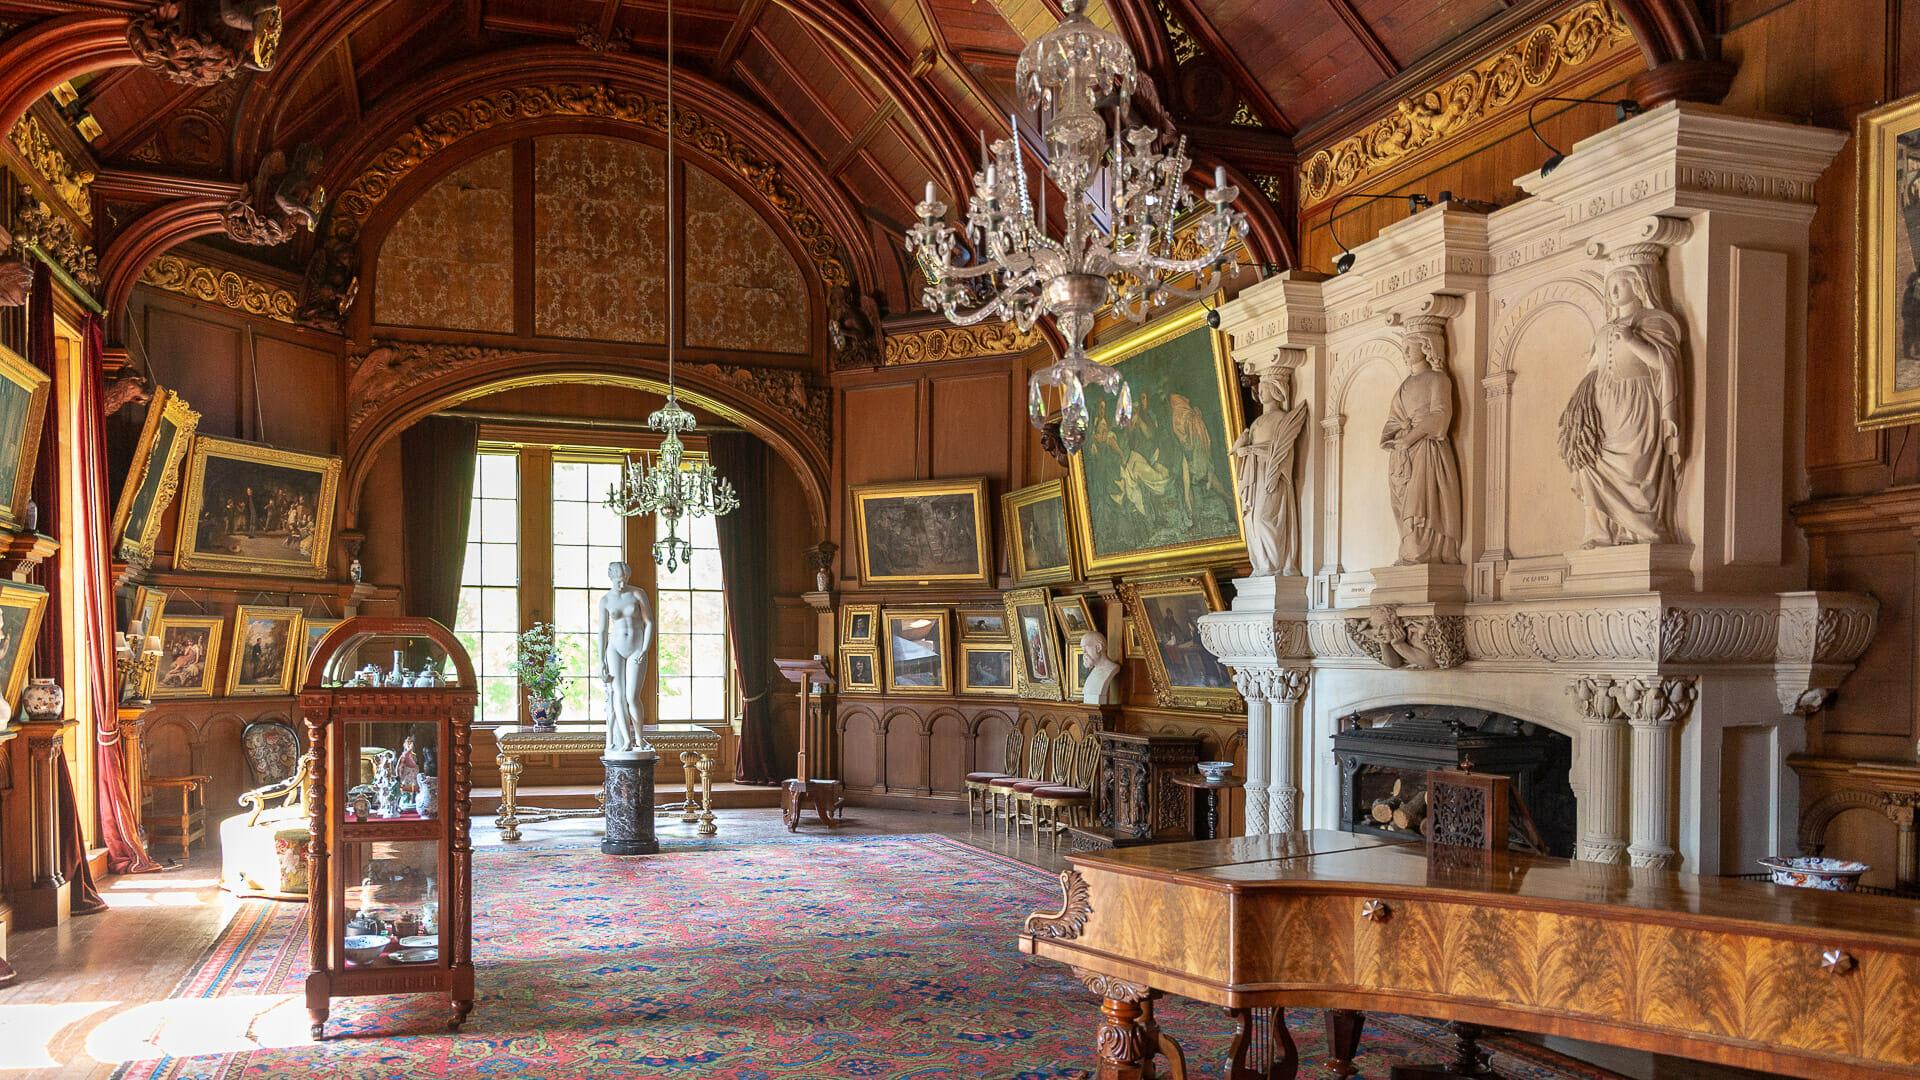 Galerie auf dem ersten Stock des Hospitalfield House